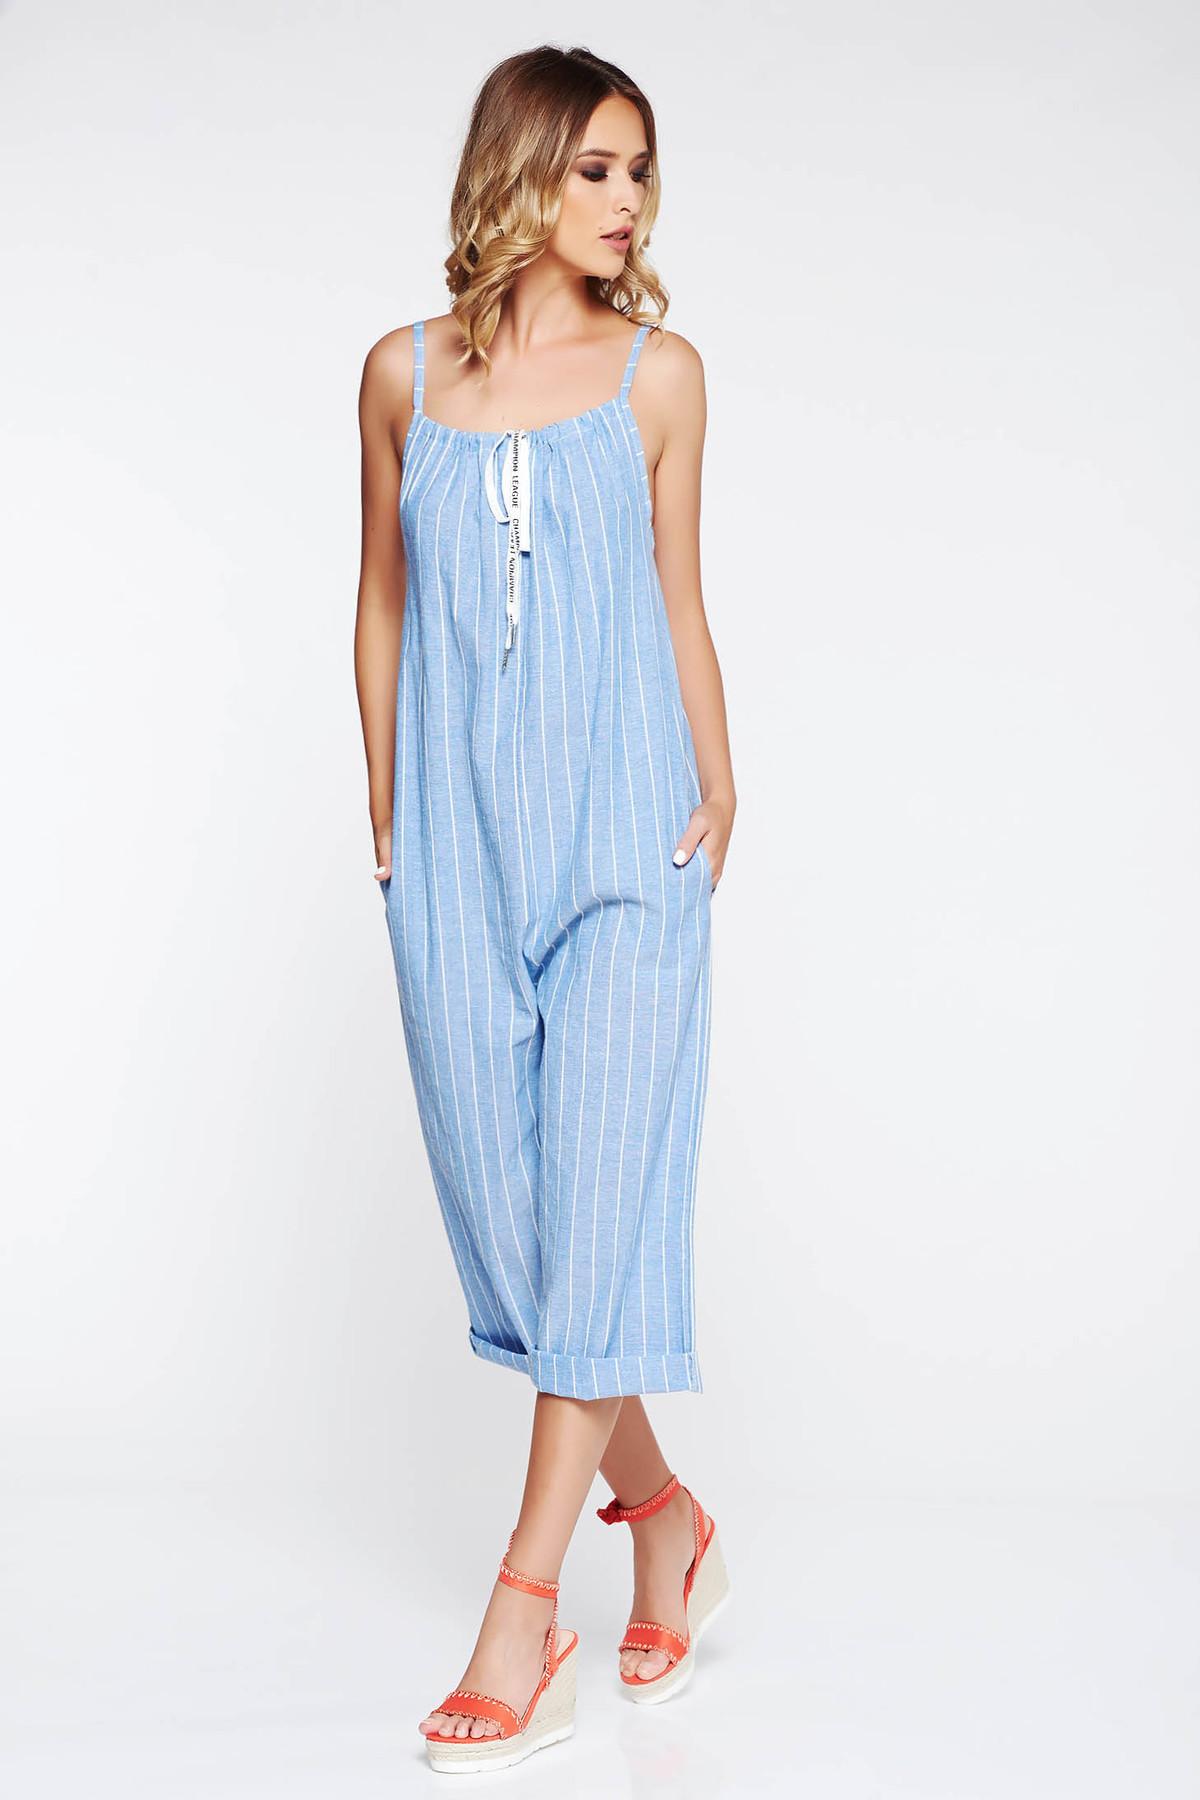 Salopeta SunShine albastra casual cu croi larg cu buzunare accesorizata cu snur